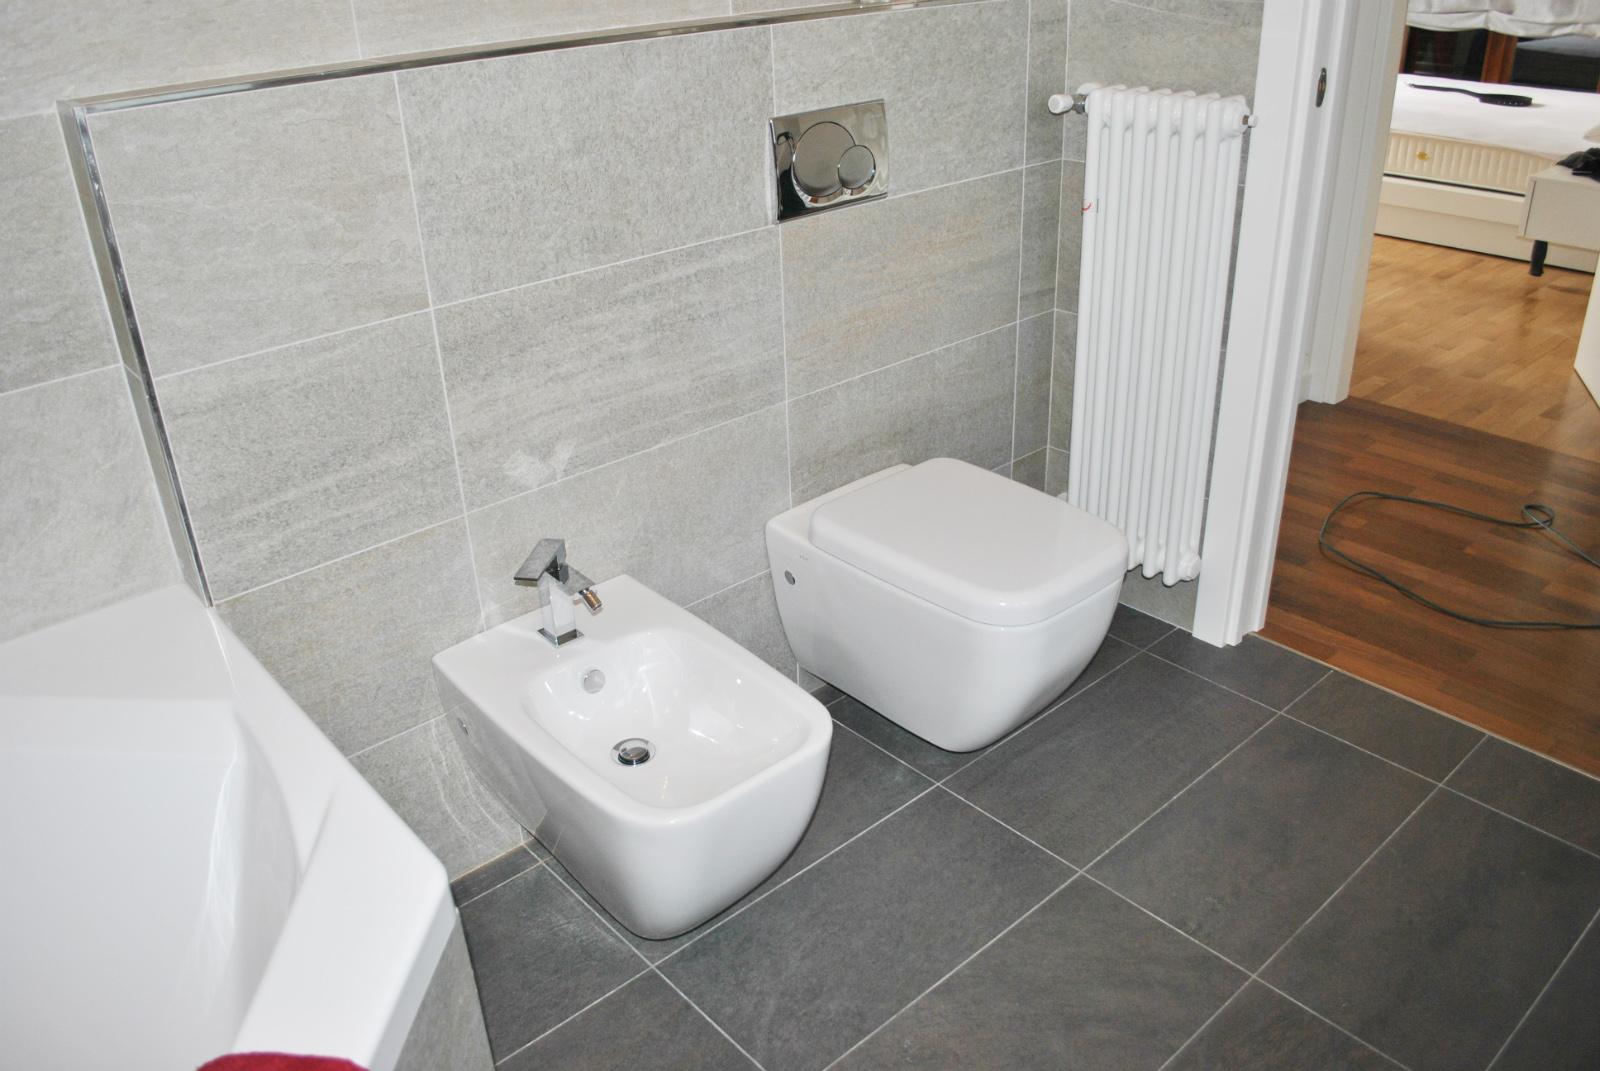 Works sintesibagno progetto e realizzazione arredobagno bagno geometrico - Sintesi bagno verbania ...